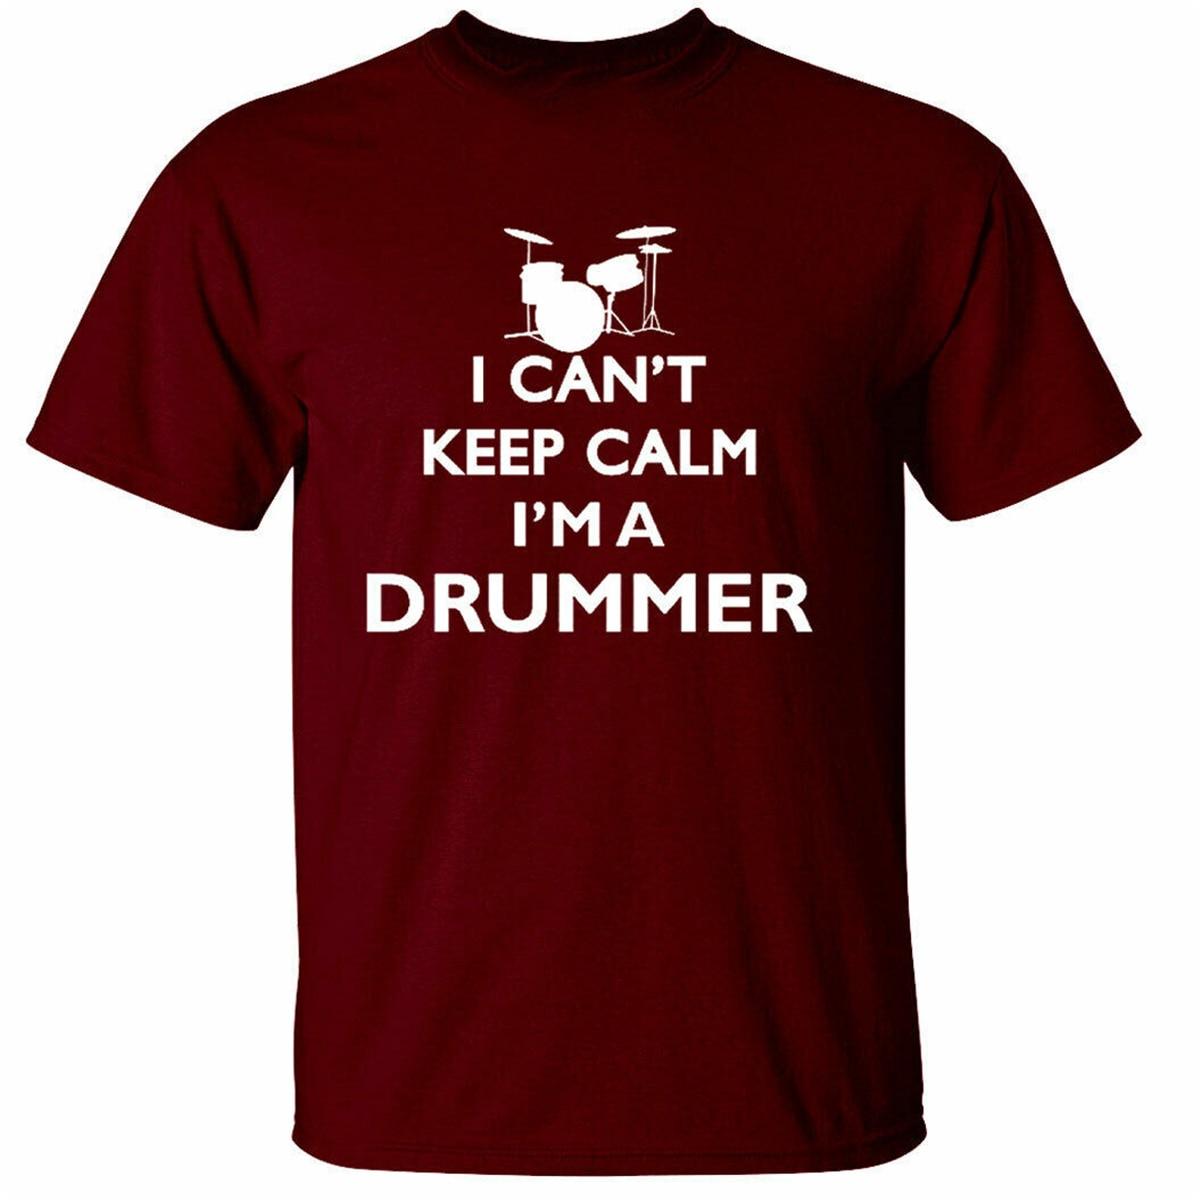 Camiseta para hombre de baterista Keep Calm, divertido regalo de baterista, banda de músico, camiseta informal